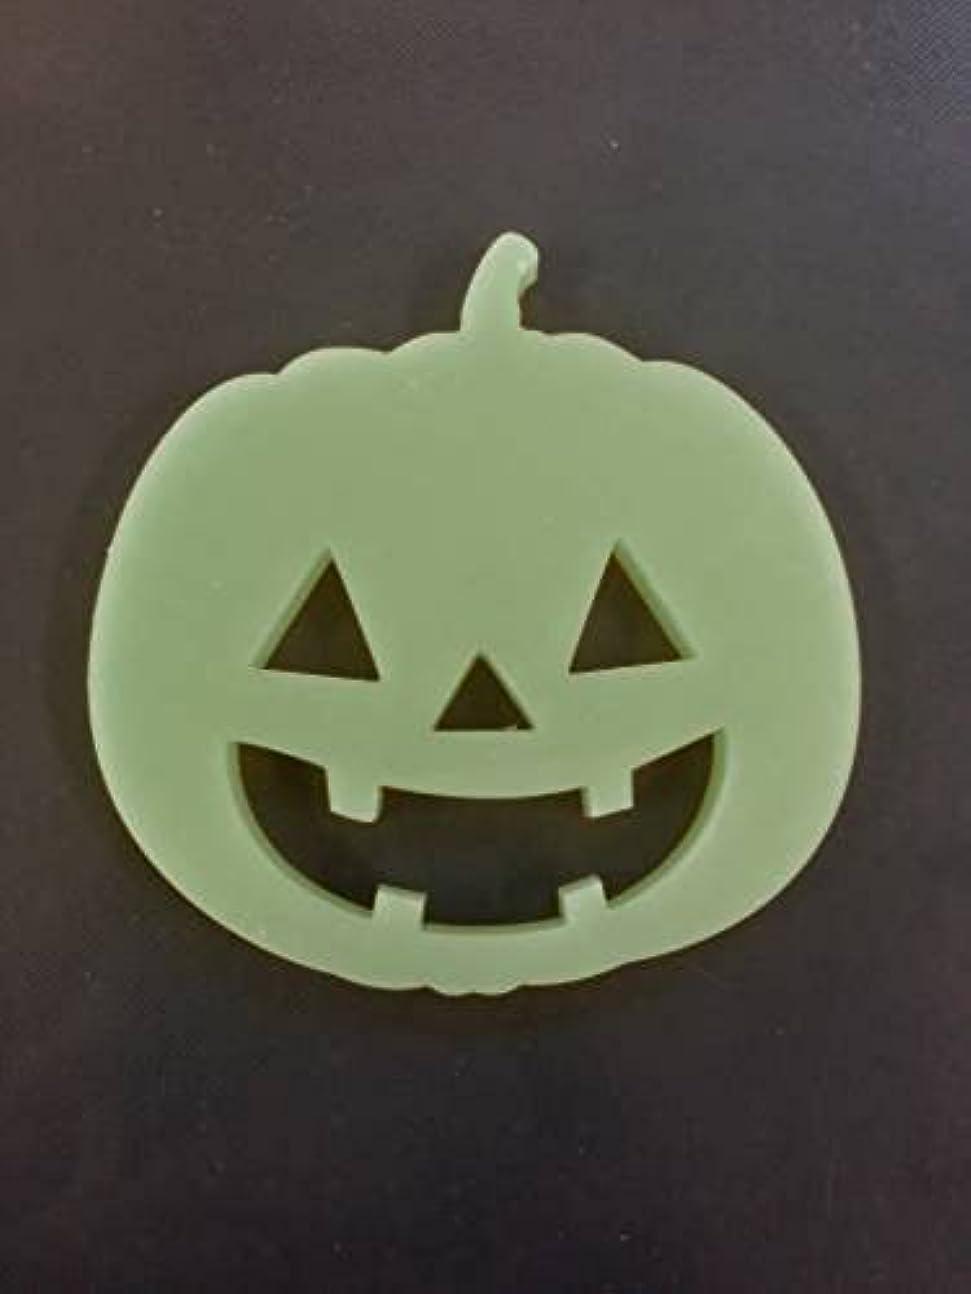 遺跡額抽出GRASSE TOKYO AROMATICWAXチャーム「ハロウィンかぼちゃ」(GR) レモングラス アロマティックワックス グラーストウキョウ